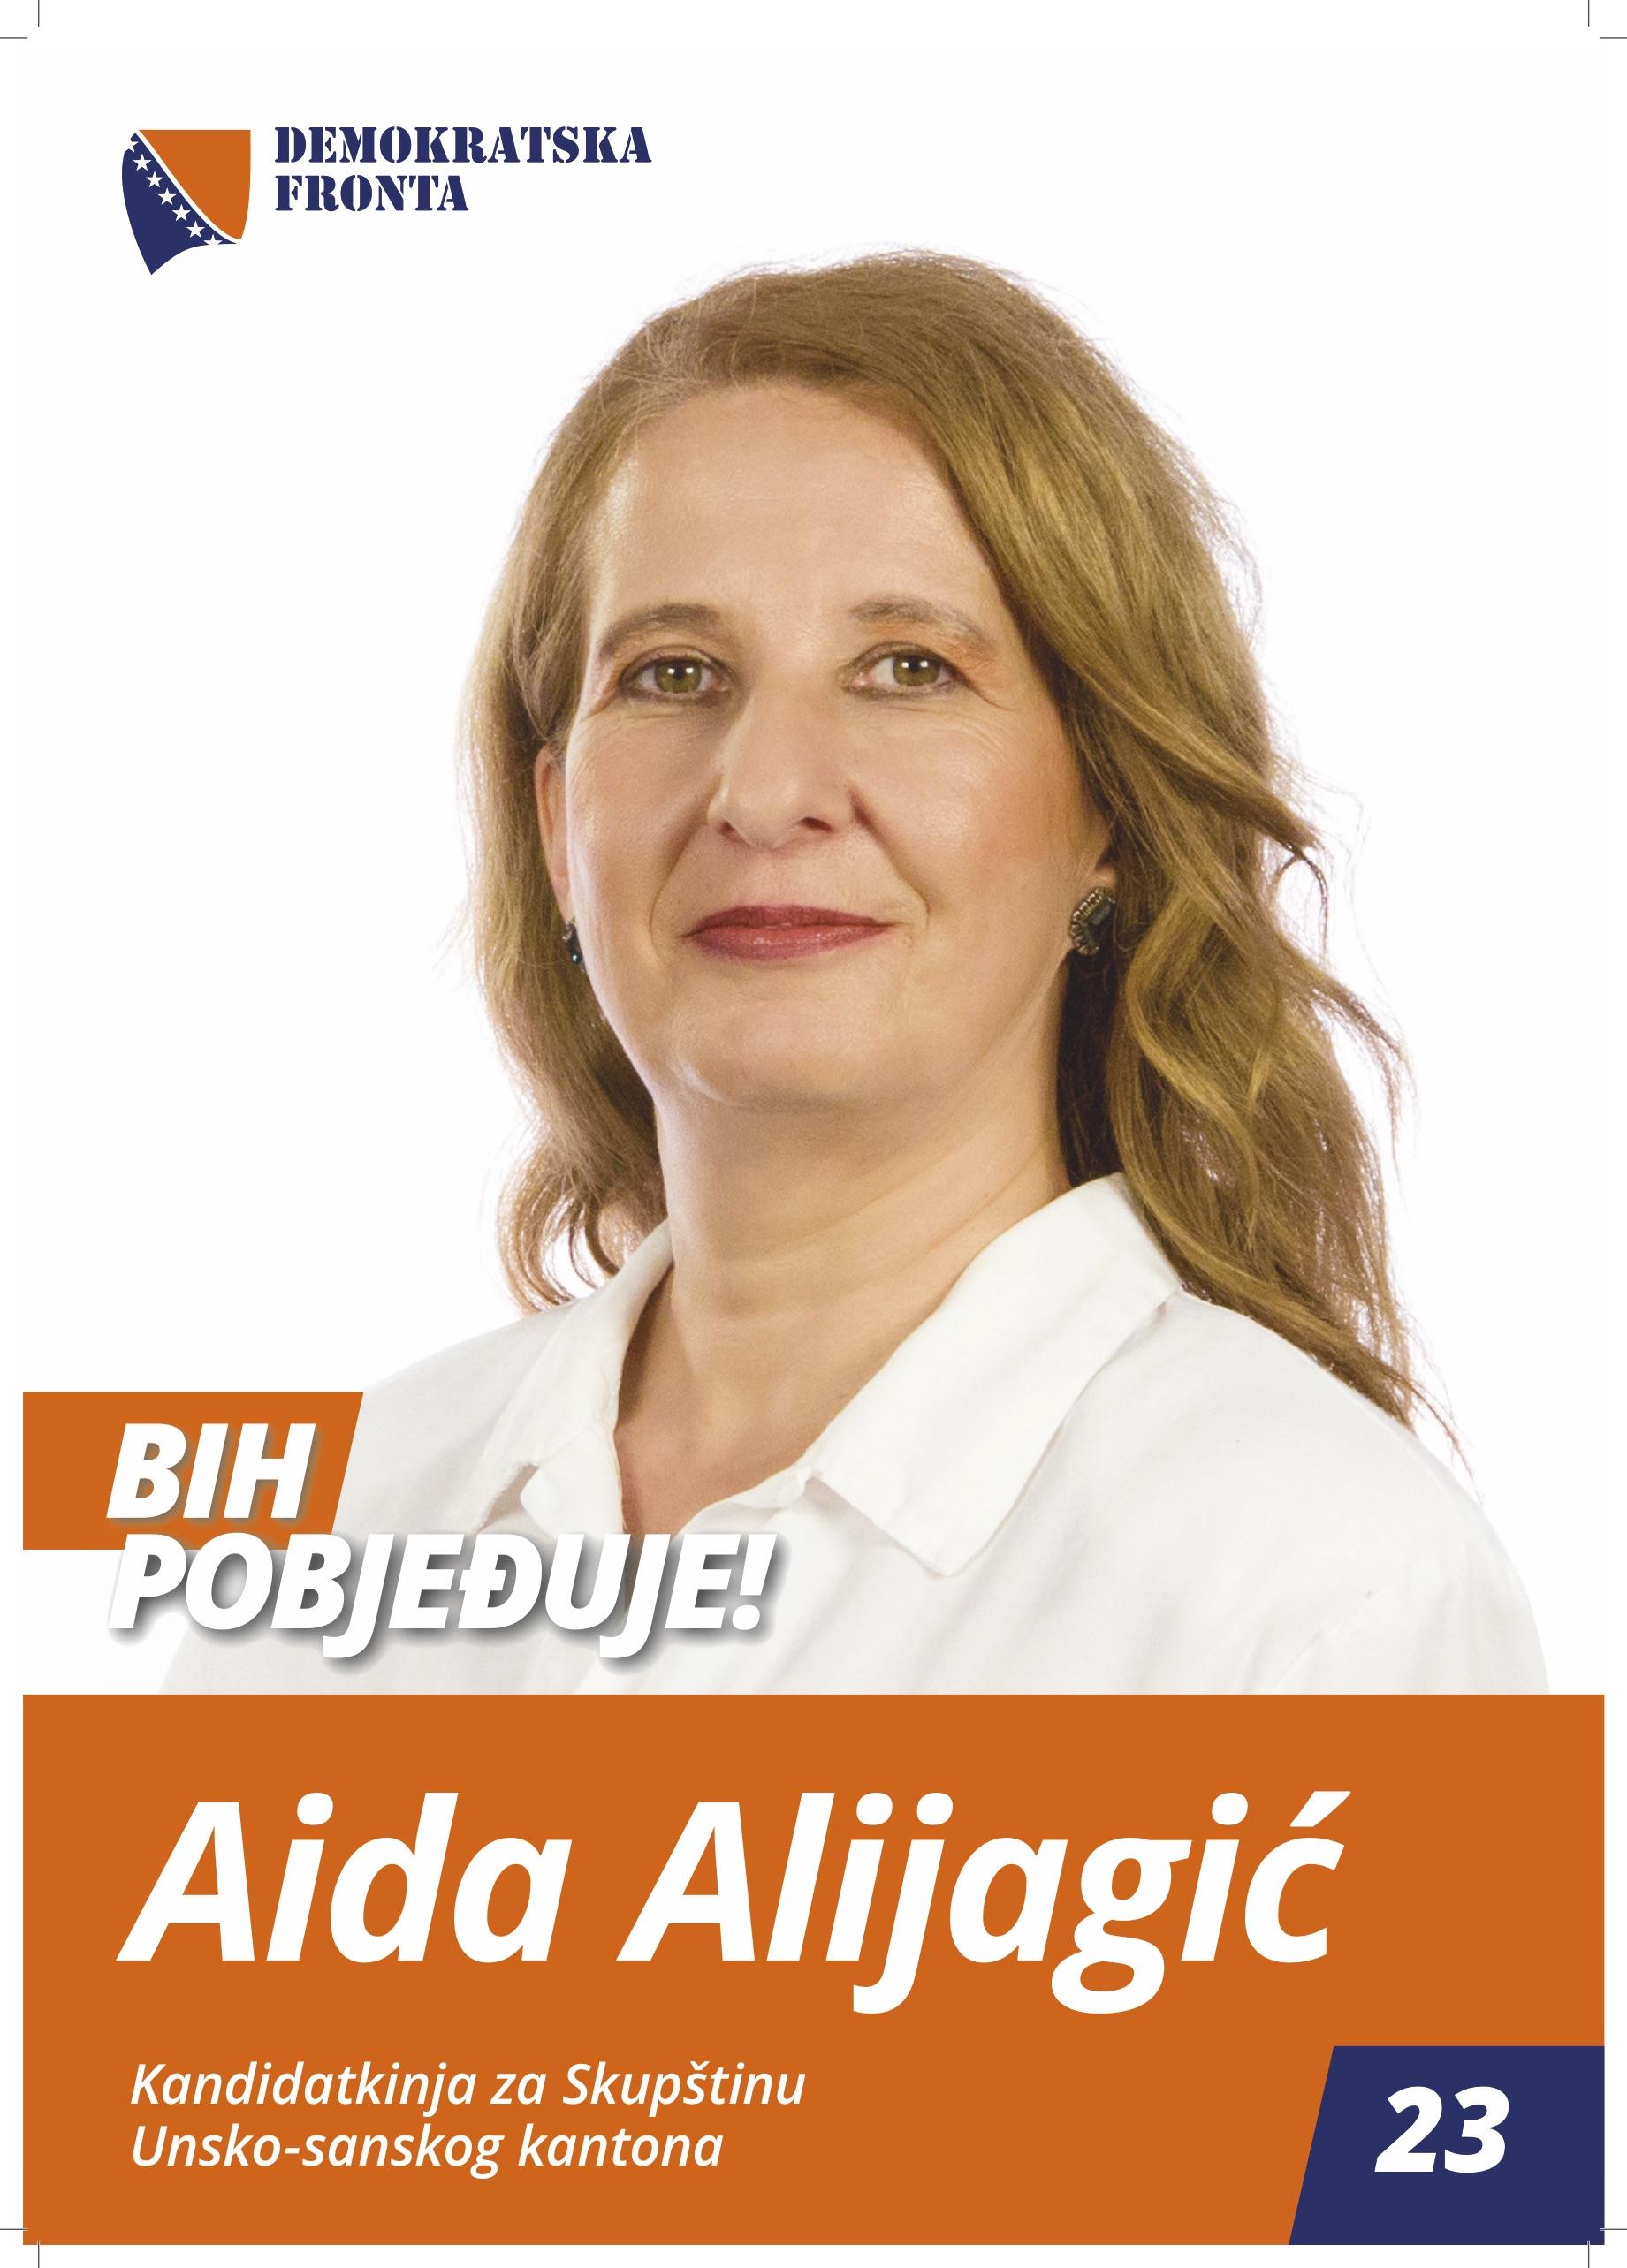 Aida Alijagić, inžinjer hemije